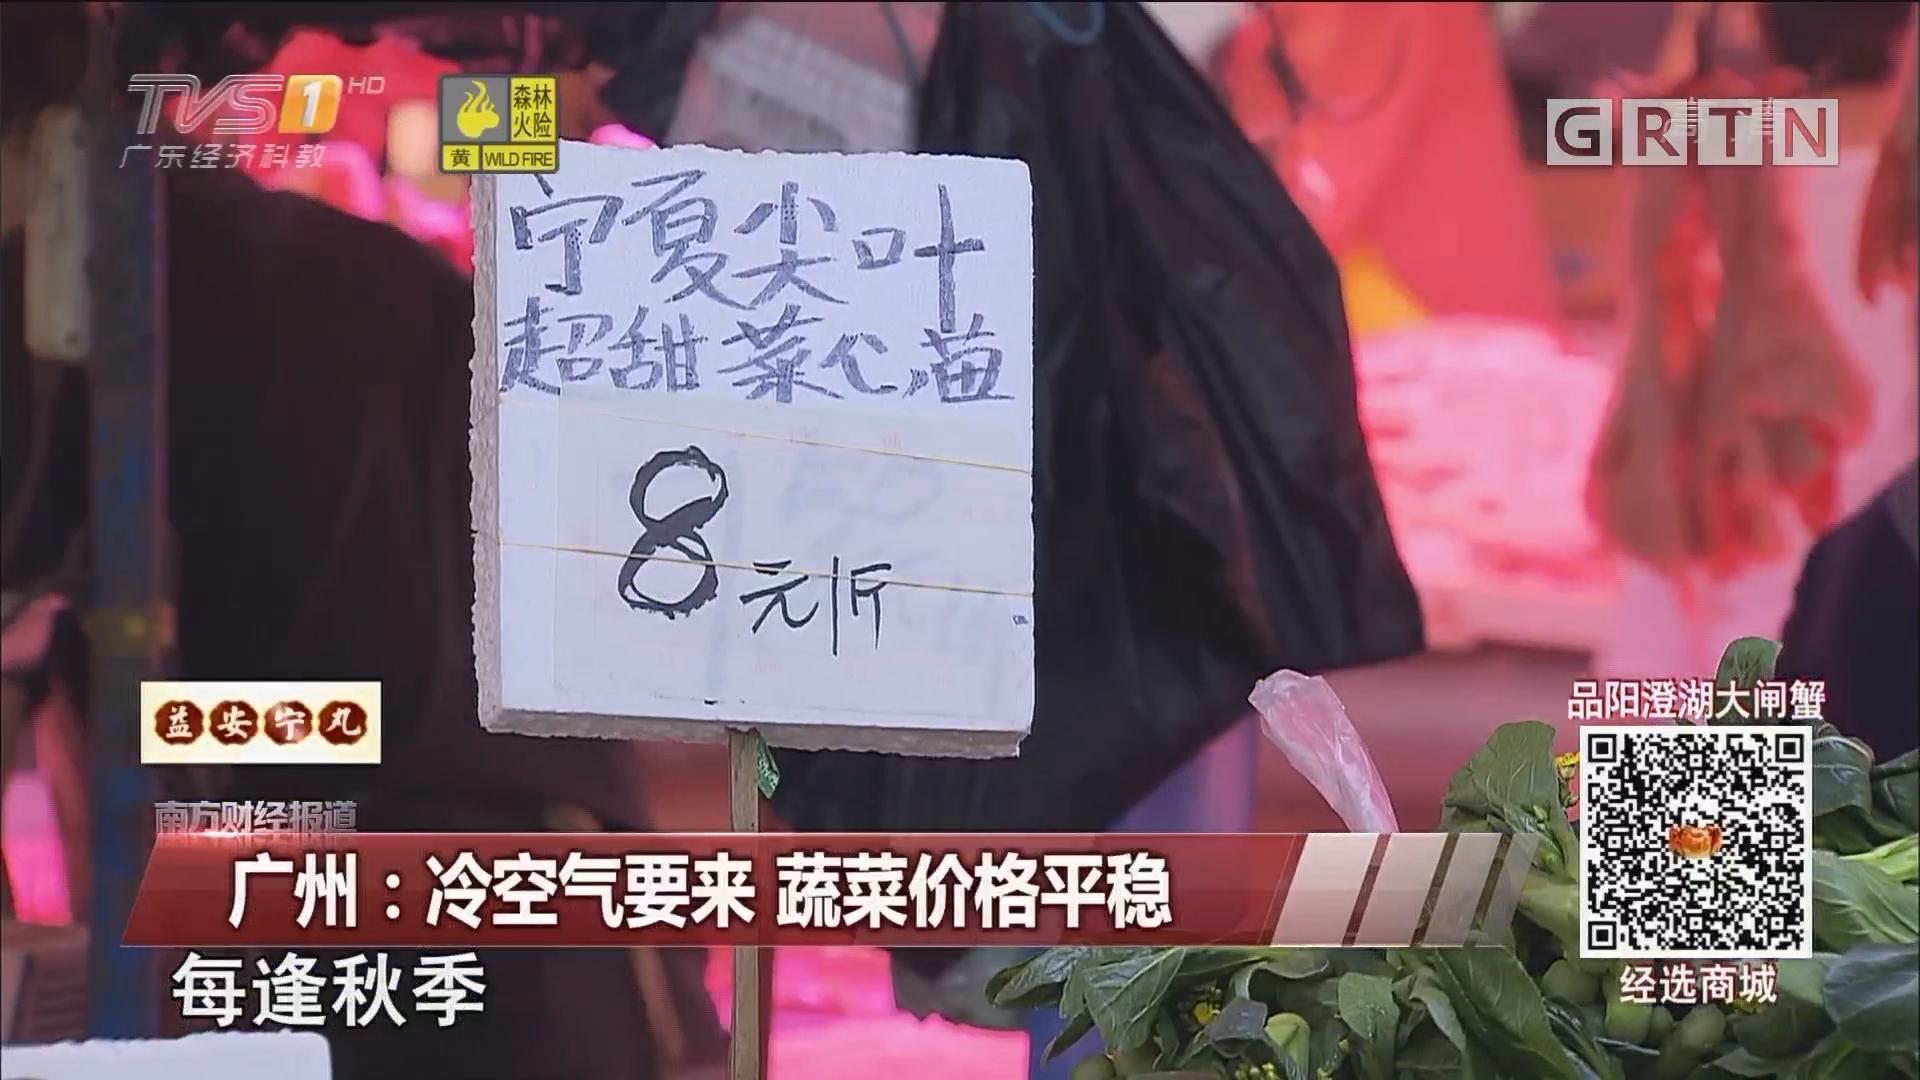 广州:冷空气要来 蔬菜价格平稳